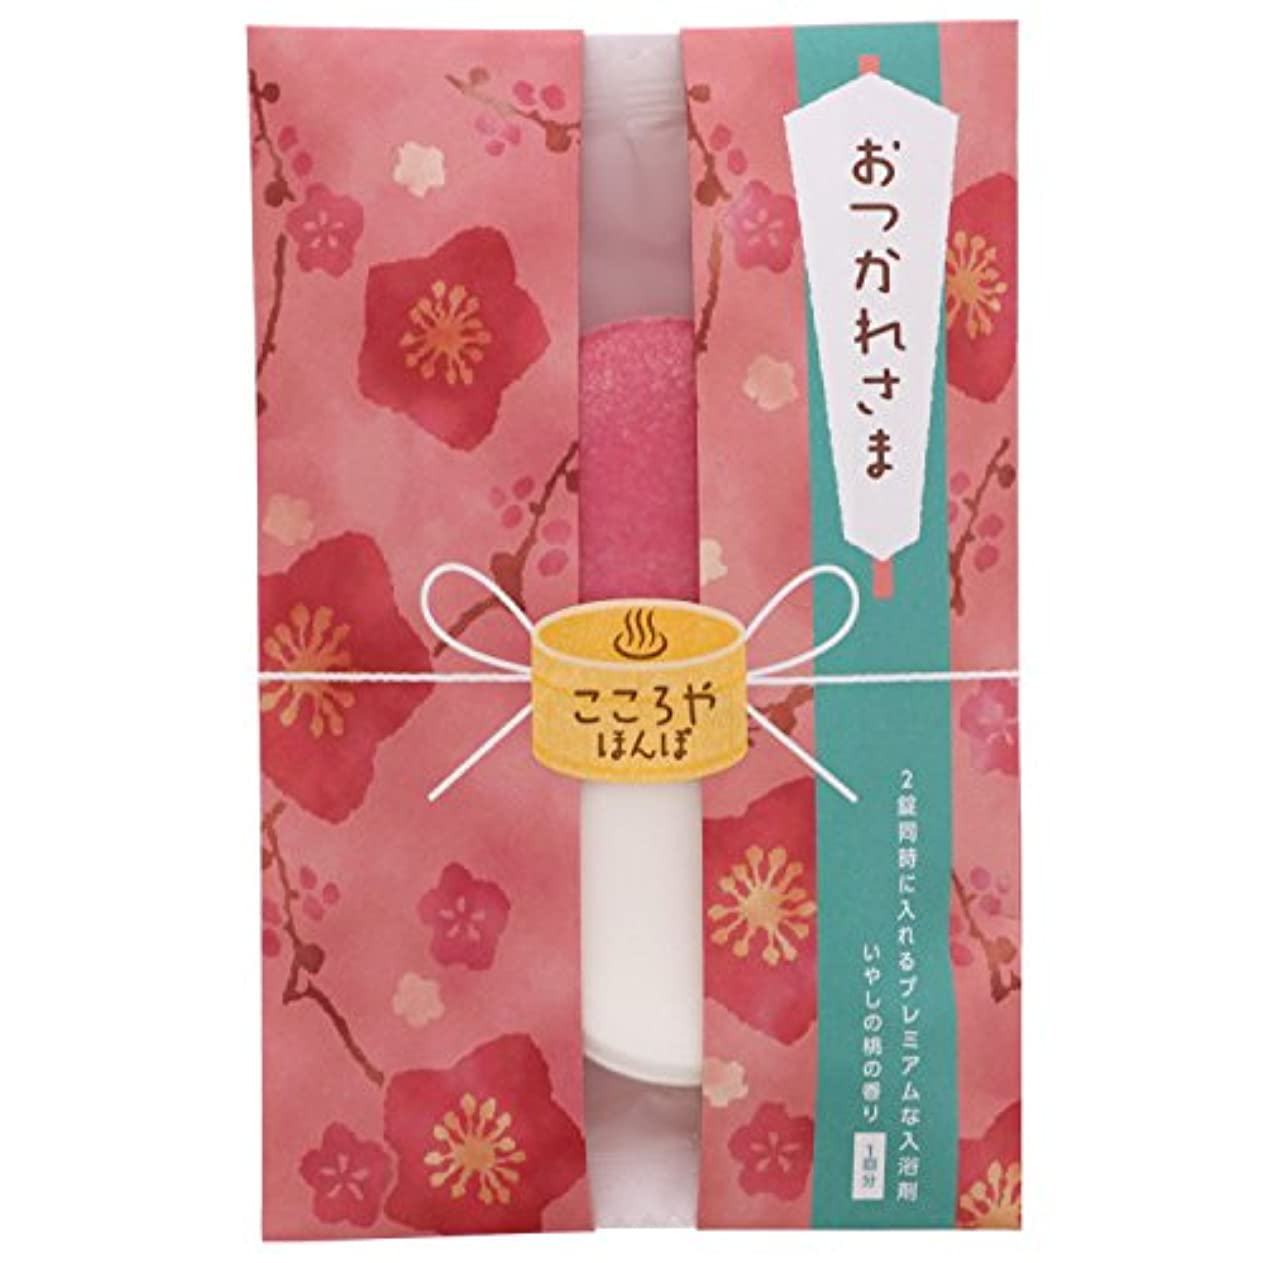 不条理命令的くさびこころやほんぽ カジュアルギフト 入浴剤 おつかれさま 桃の香り 50g